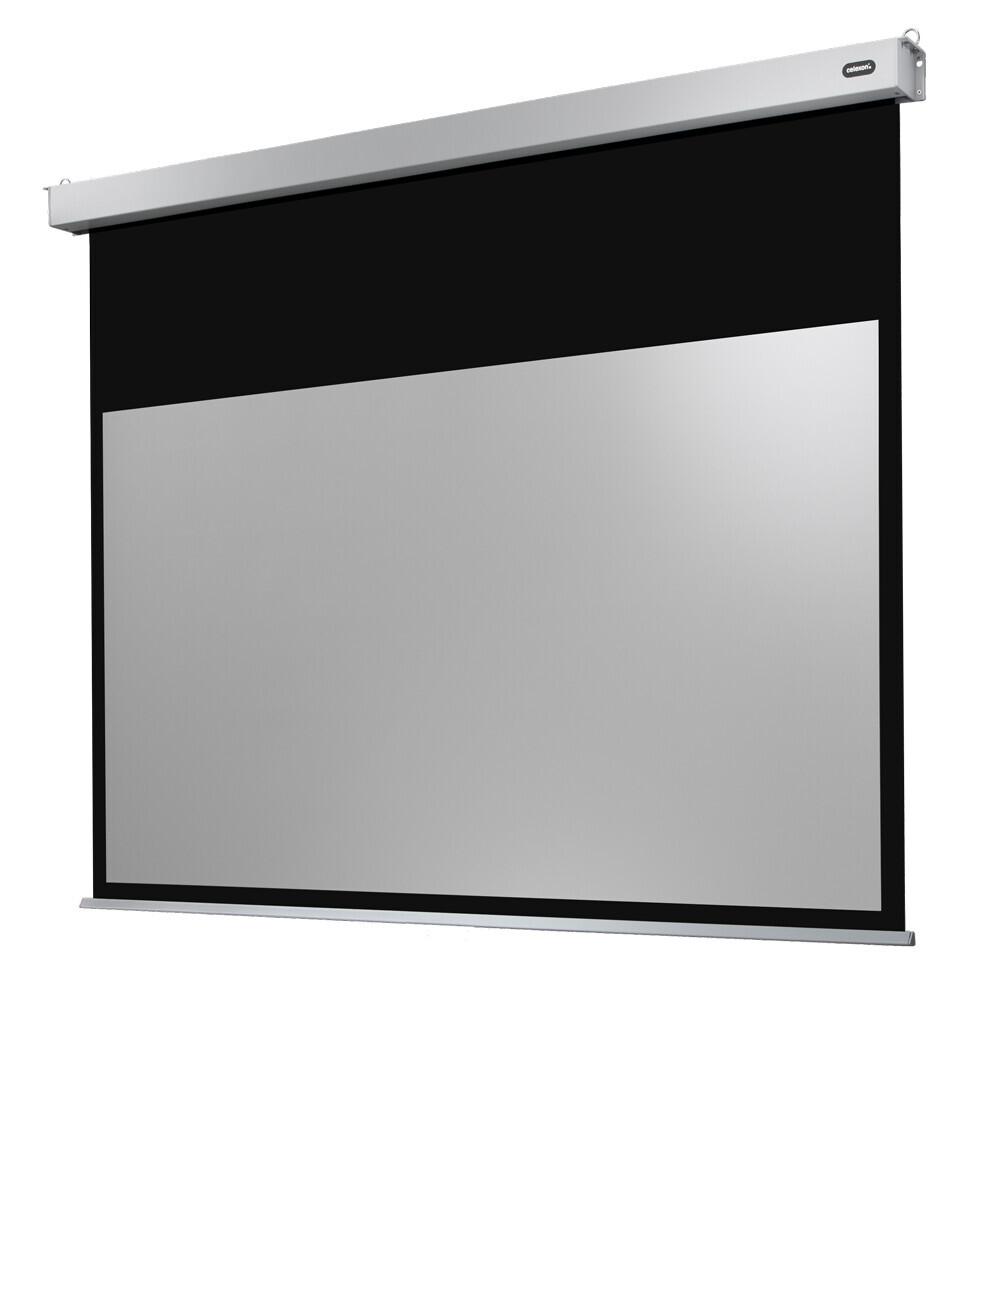 Ecran de projection celexon Motorisé PRO PLUS 240 x 135 cm